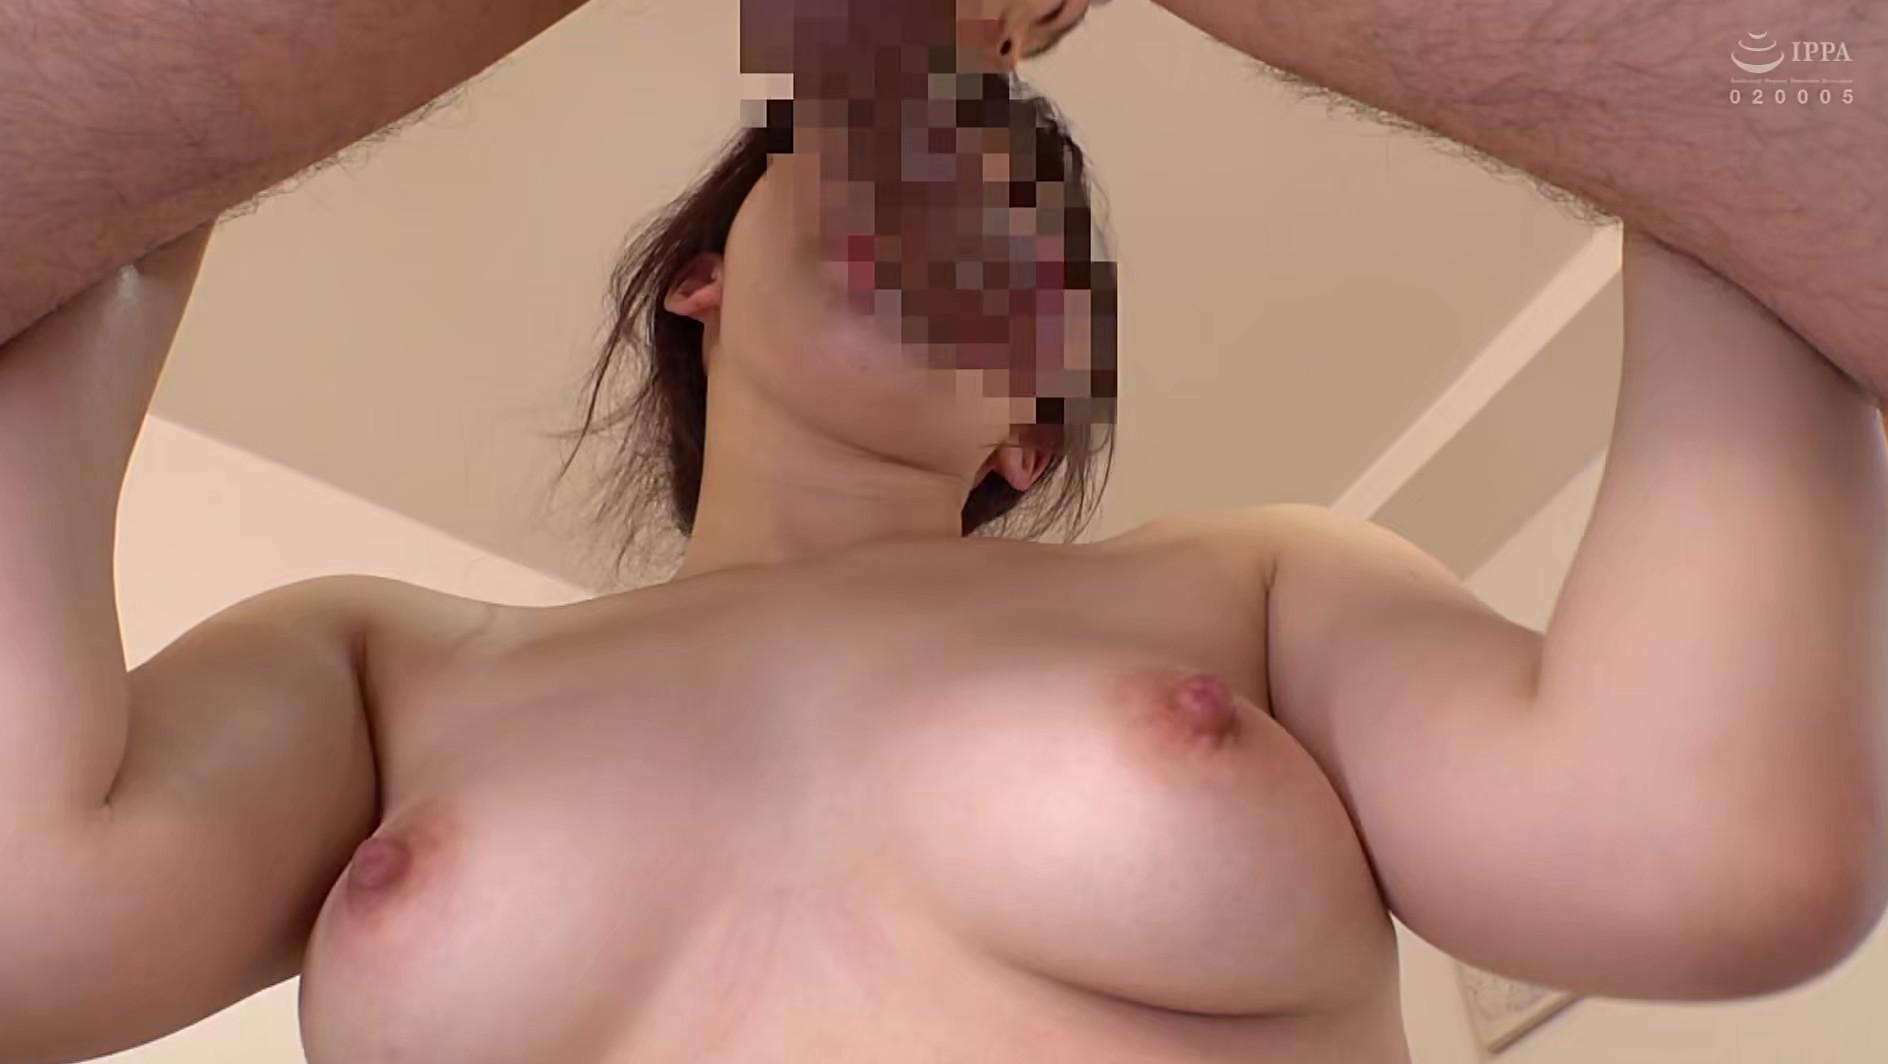 美人ウー●ー●ーツ女性配達員を「一緒にご飯どうですか?」と《ワンチャン》部屋に誘って・・・媚薬漬けに!「またイッちゃうのぉぉ!」イグイグ無限発情連続イキSEX! 画像5